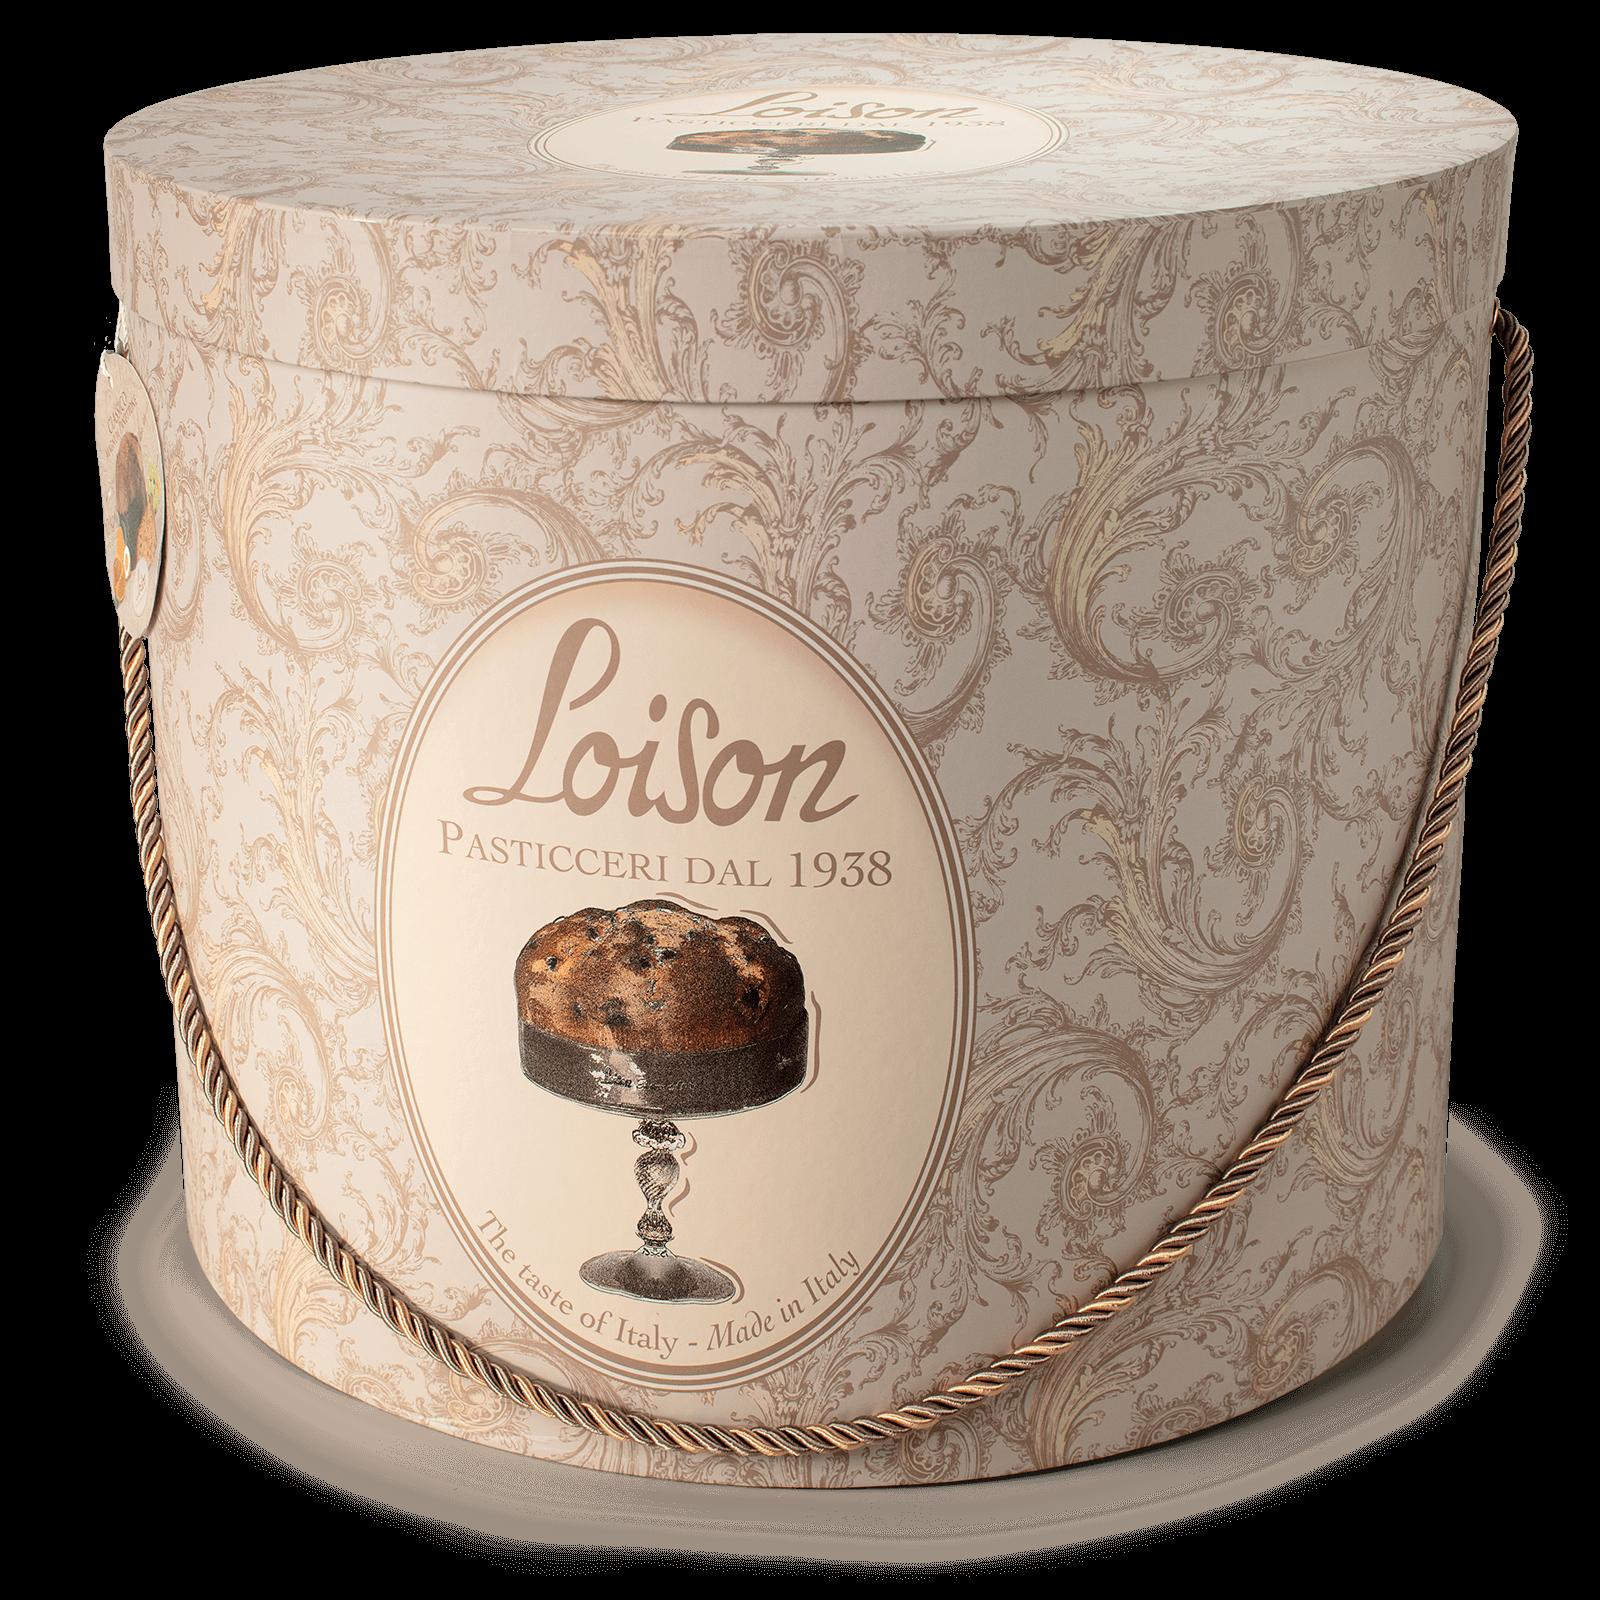 Panettone magnum 10 kg dans boîtes à chapeaux - Loison